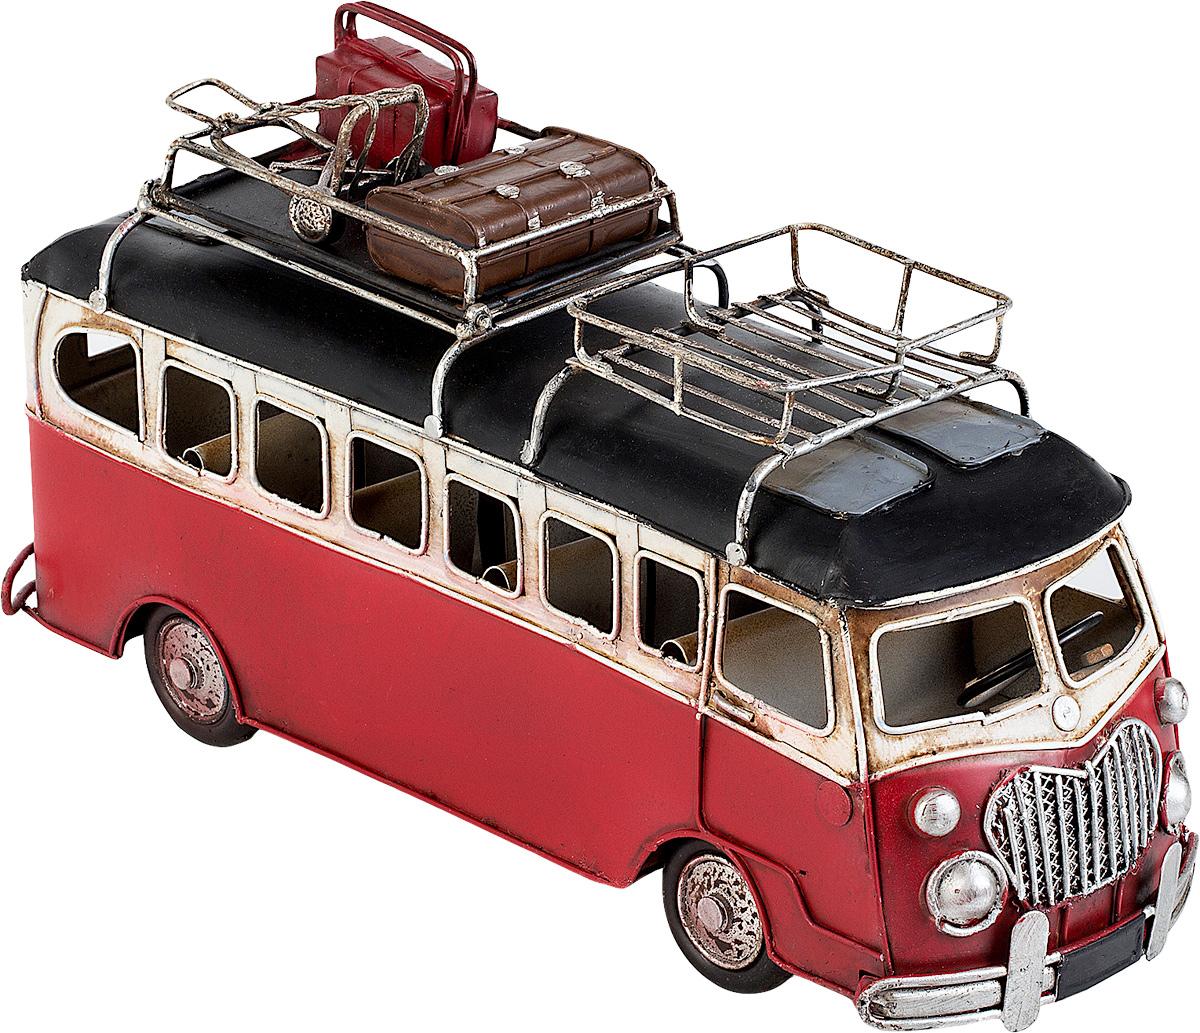 Модель Platinum Автобус. 1404E-4239JP-29/ 9Модель Platinum Автобус, выполненная из металла, станет оригинальным украшением вашего интерьера. Вы можете поставить модель автобуса в любом месте, где она будет удачно смотреться.Качество исполнения, точные детали и оригинальный дизайн выделяют эту модель среди ряда подобных. Модель займет достойное место в вашей коллекции, а также приятно удивит получателя в качестве стильного сувенира.